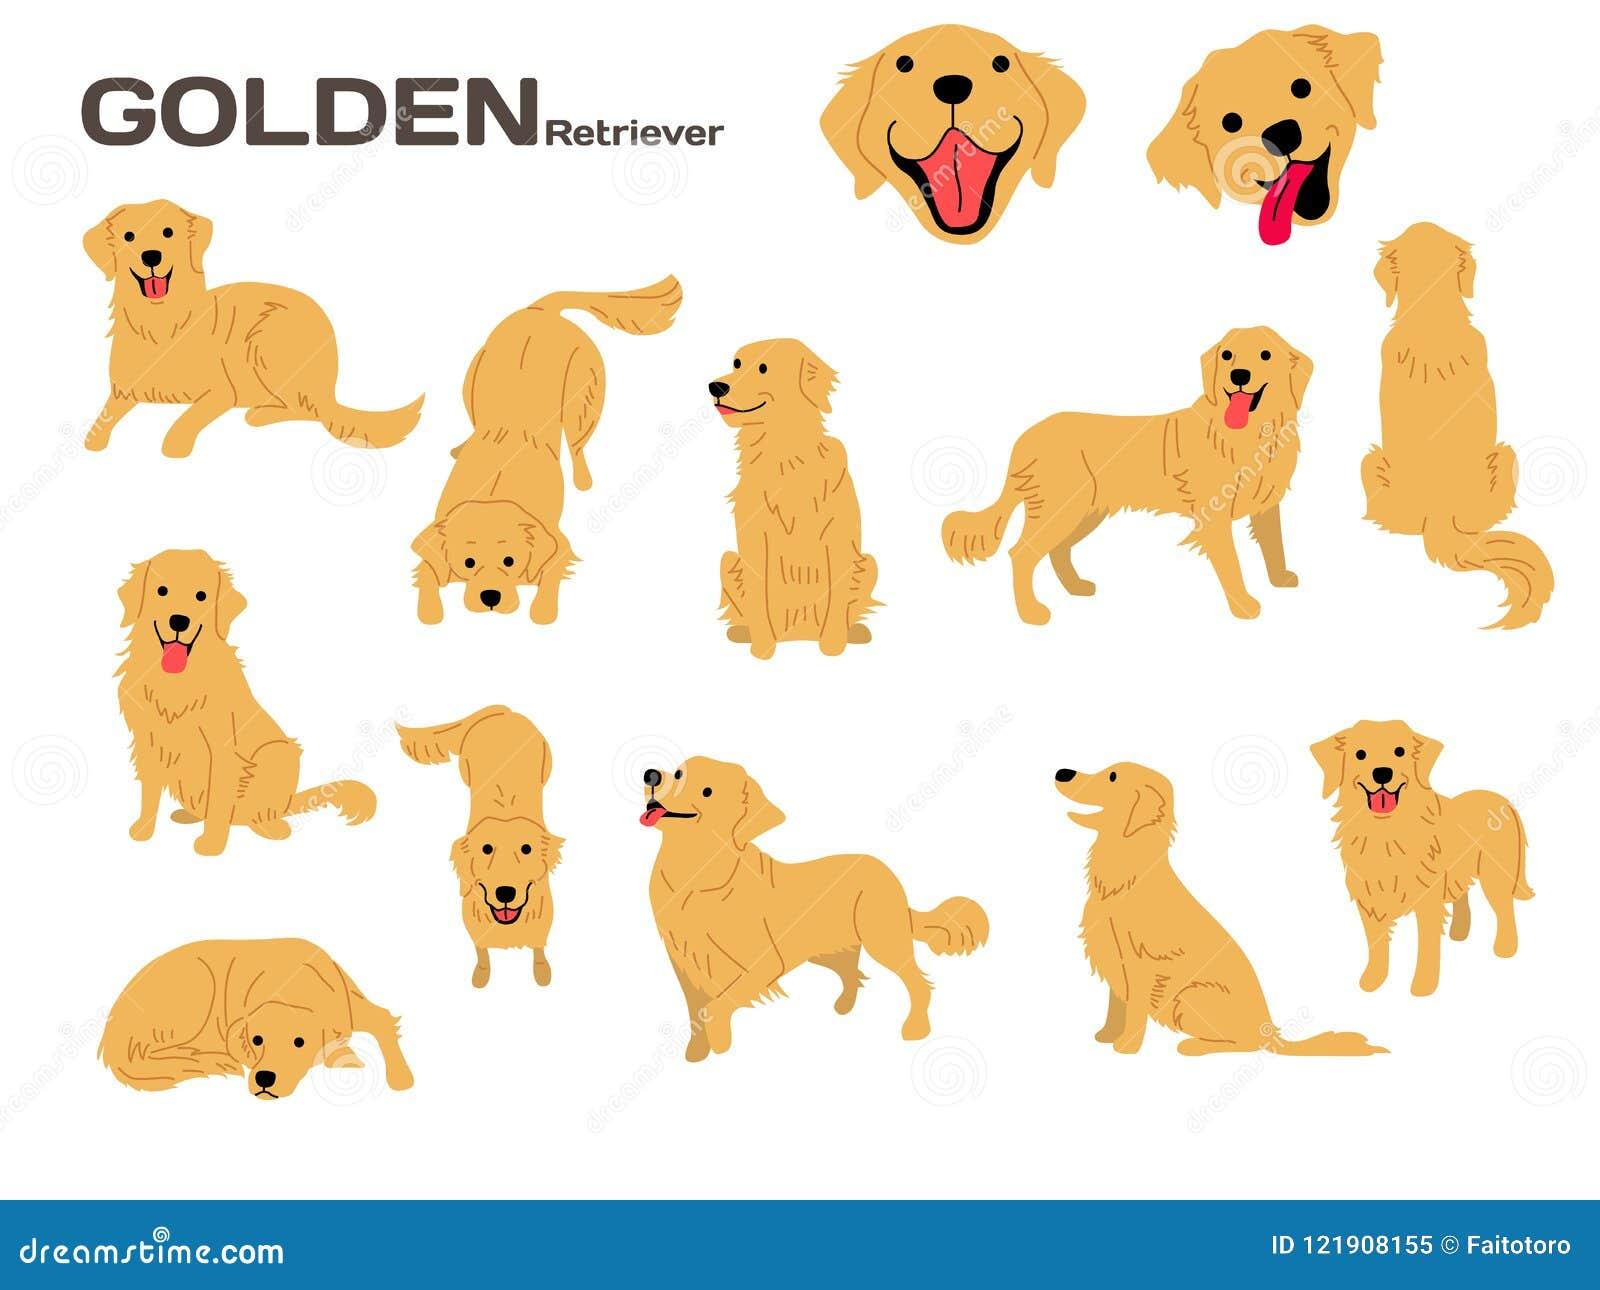 Golden Retriever Stock Illustrations 2 329 Golden Retriever Stock Illustrations Vectors Clipart Dreamstime